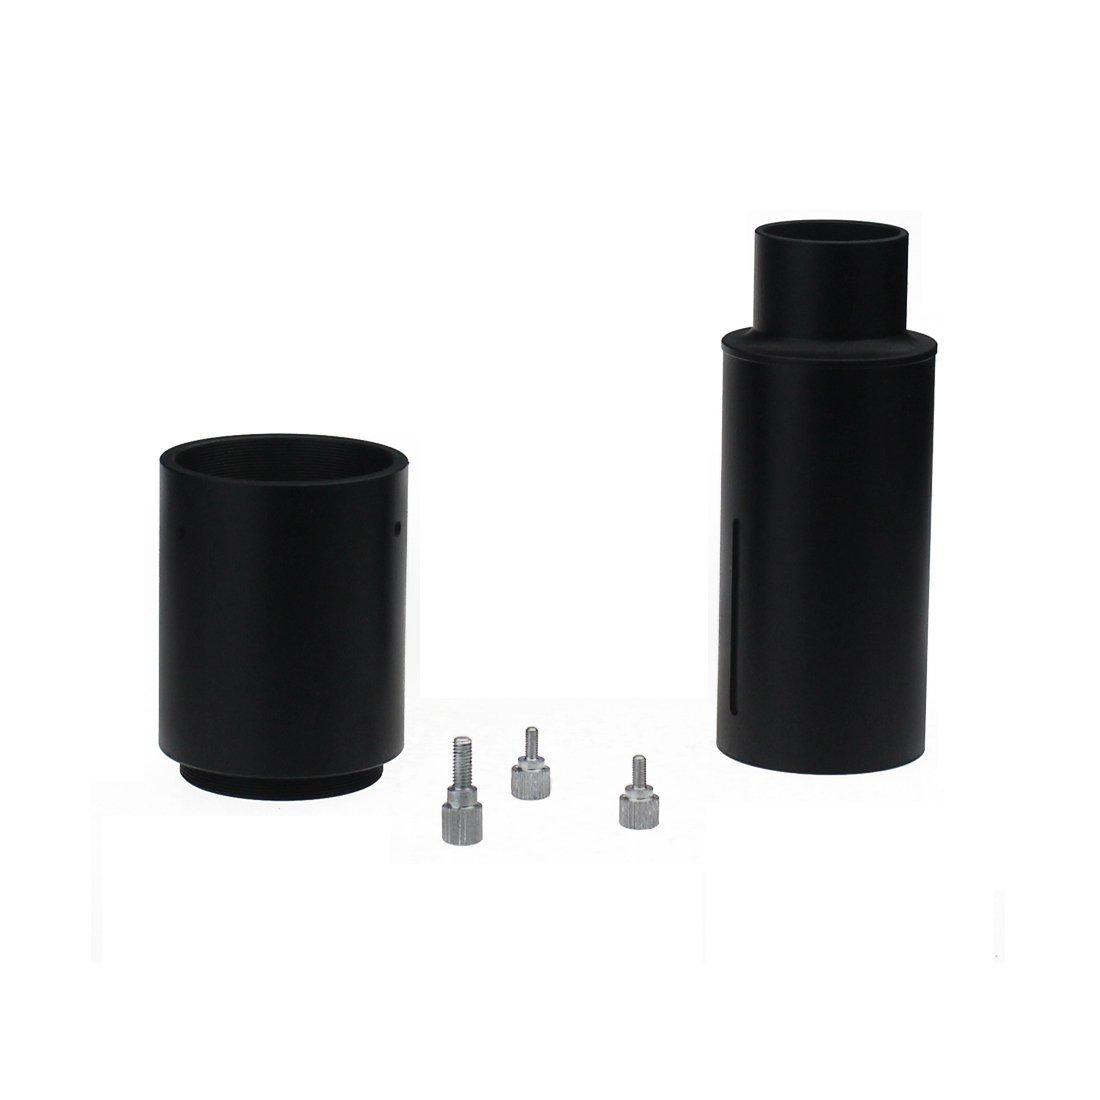 /Standard T2/Prime Enfoque y variable ocular de fotograf/ía adaptador solomark 1,25 Variable Telescopio//adaptador de c/ámara/